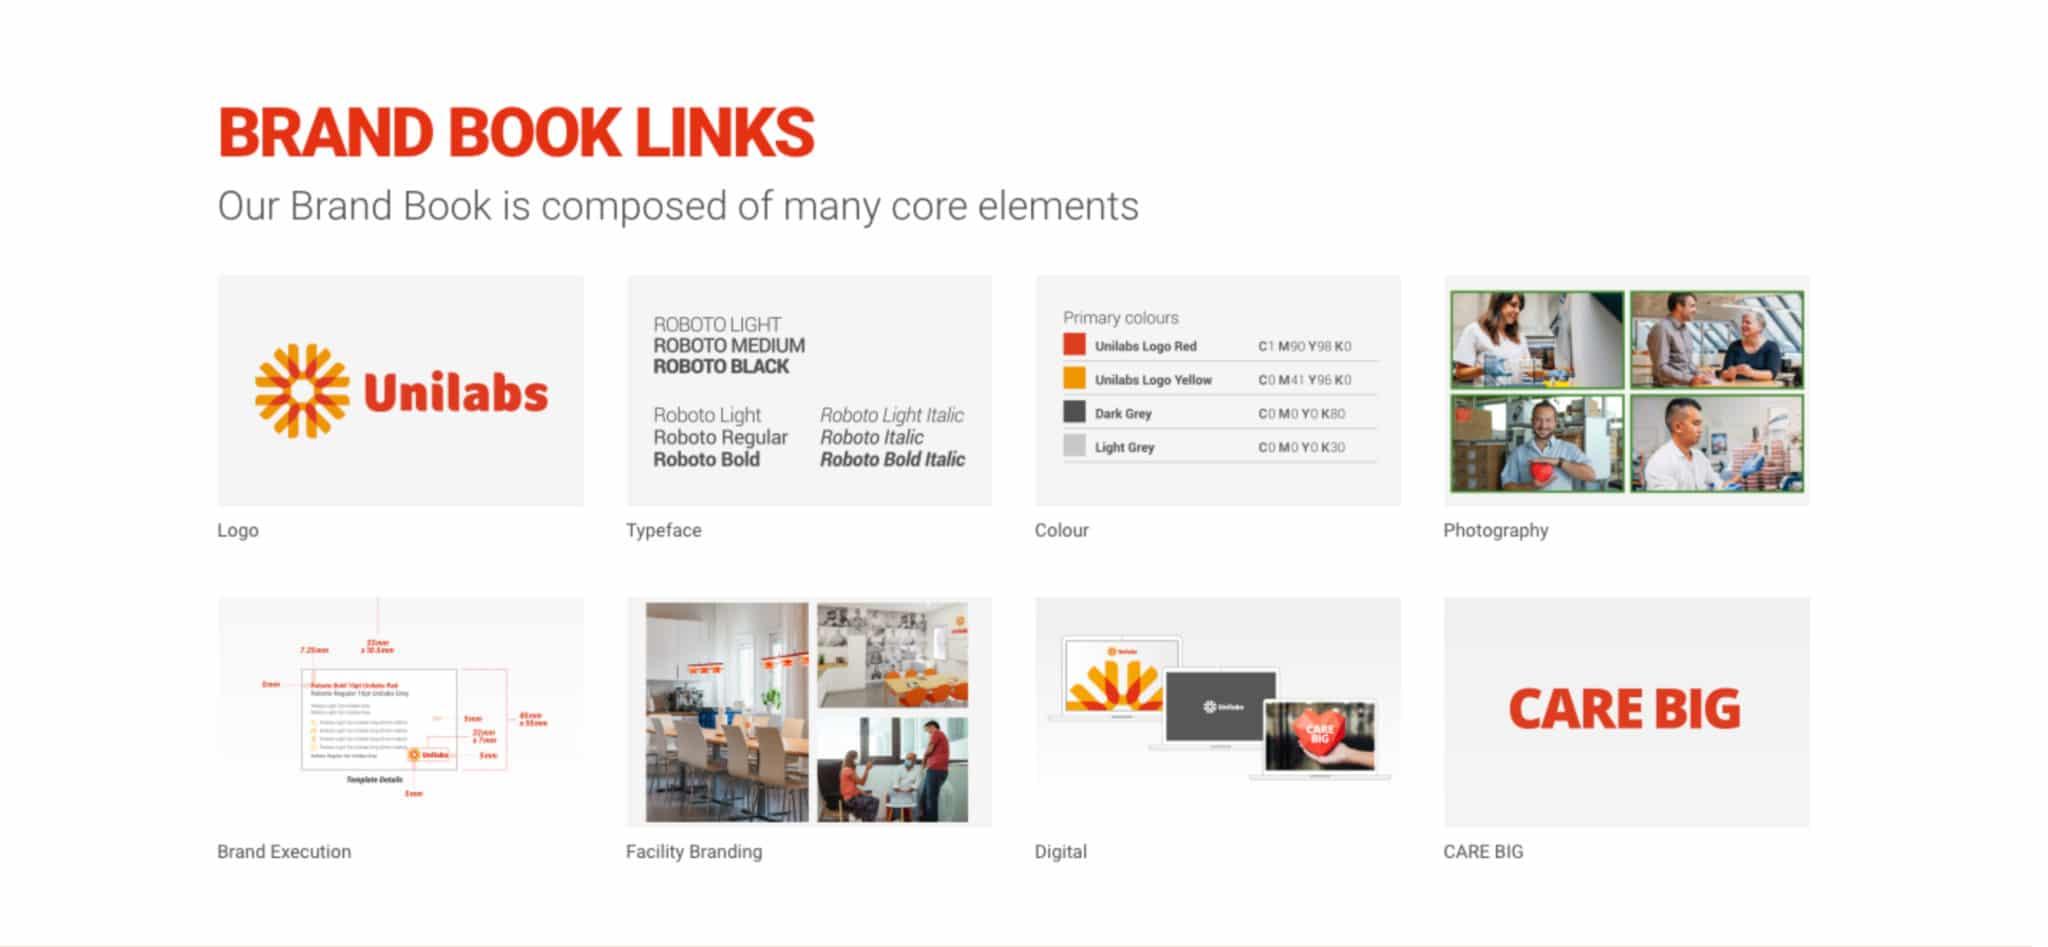 Unilabs Brandbook Quicklinks